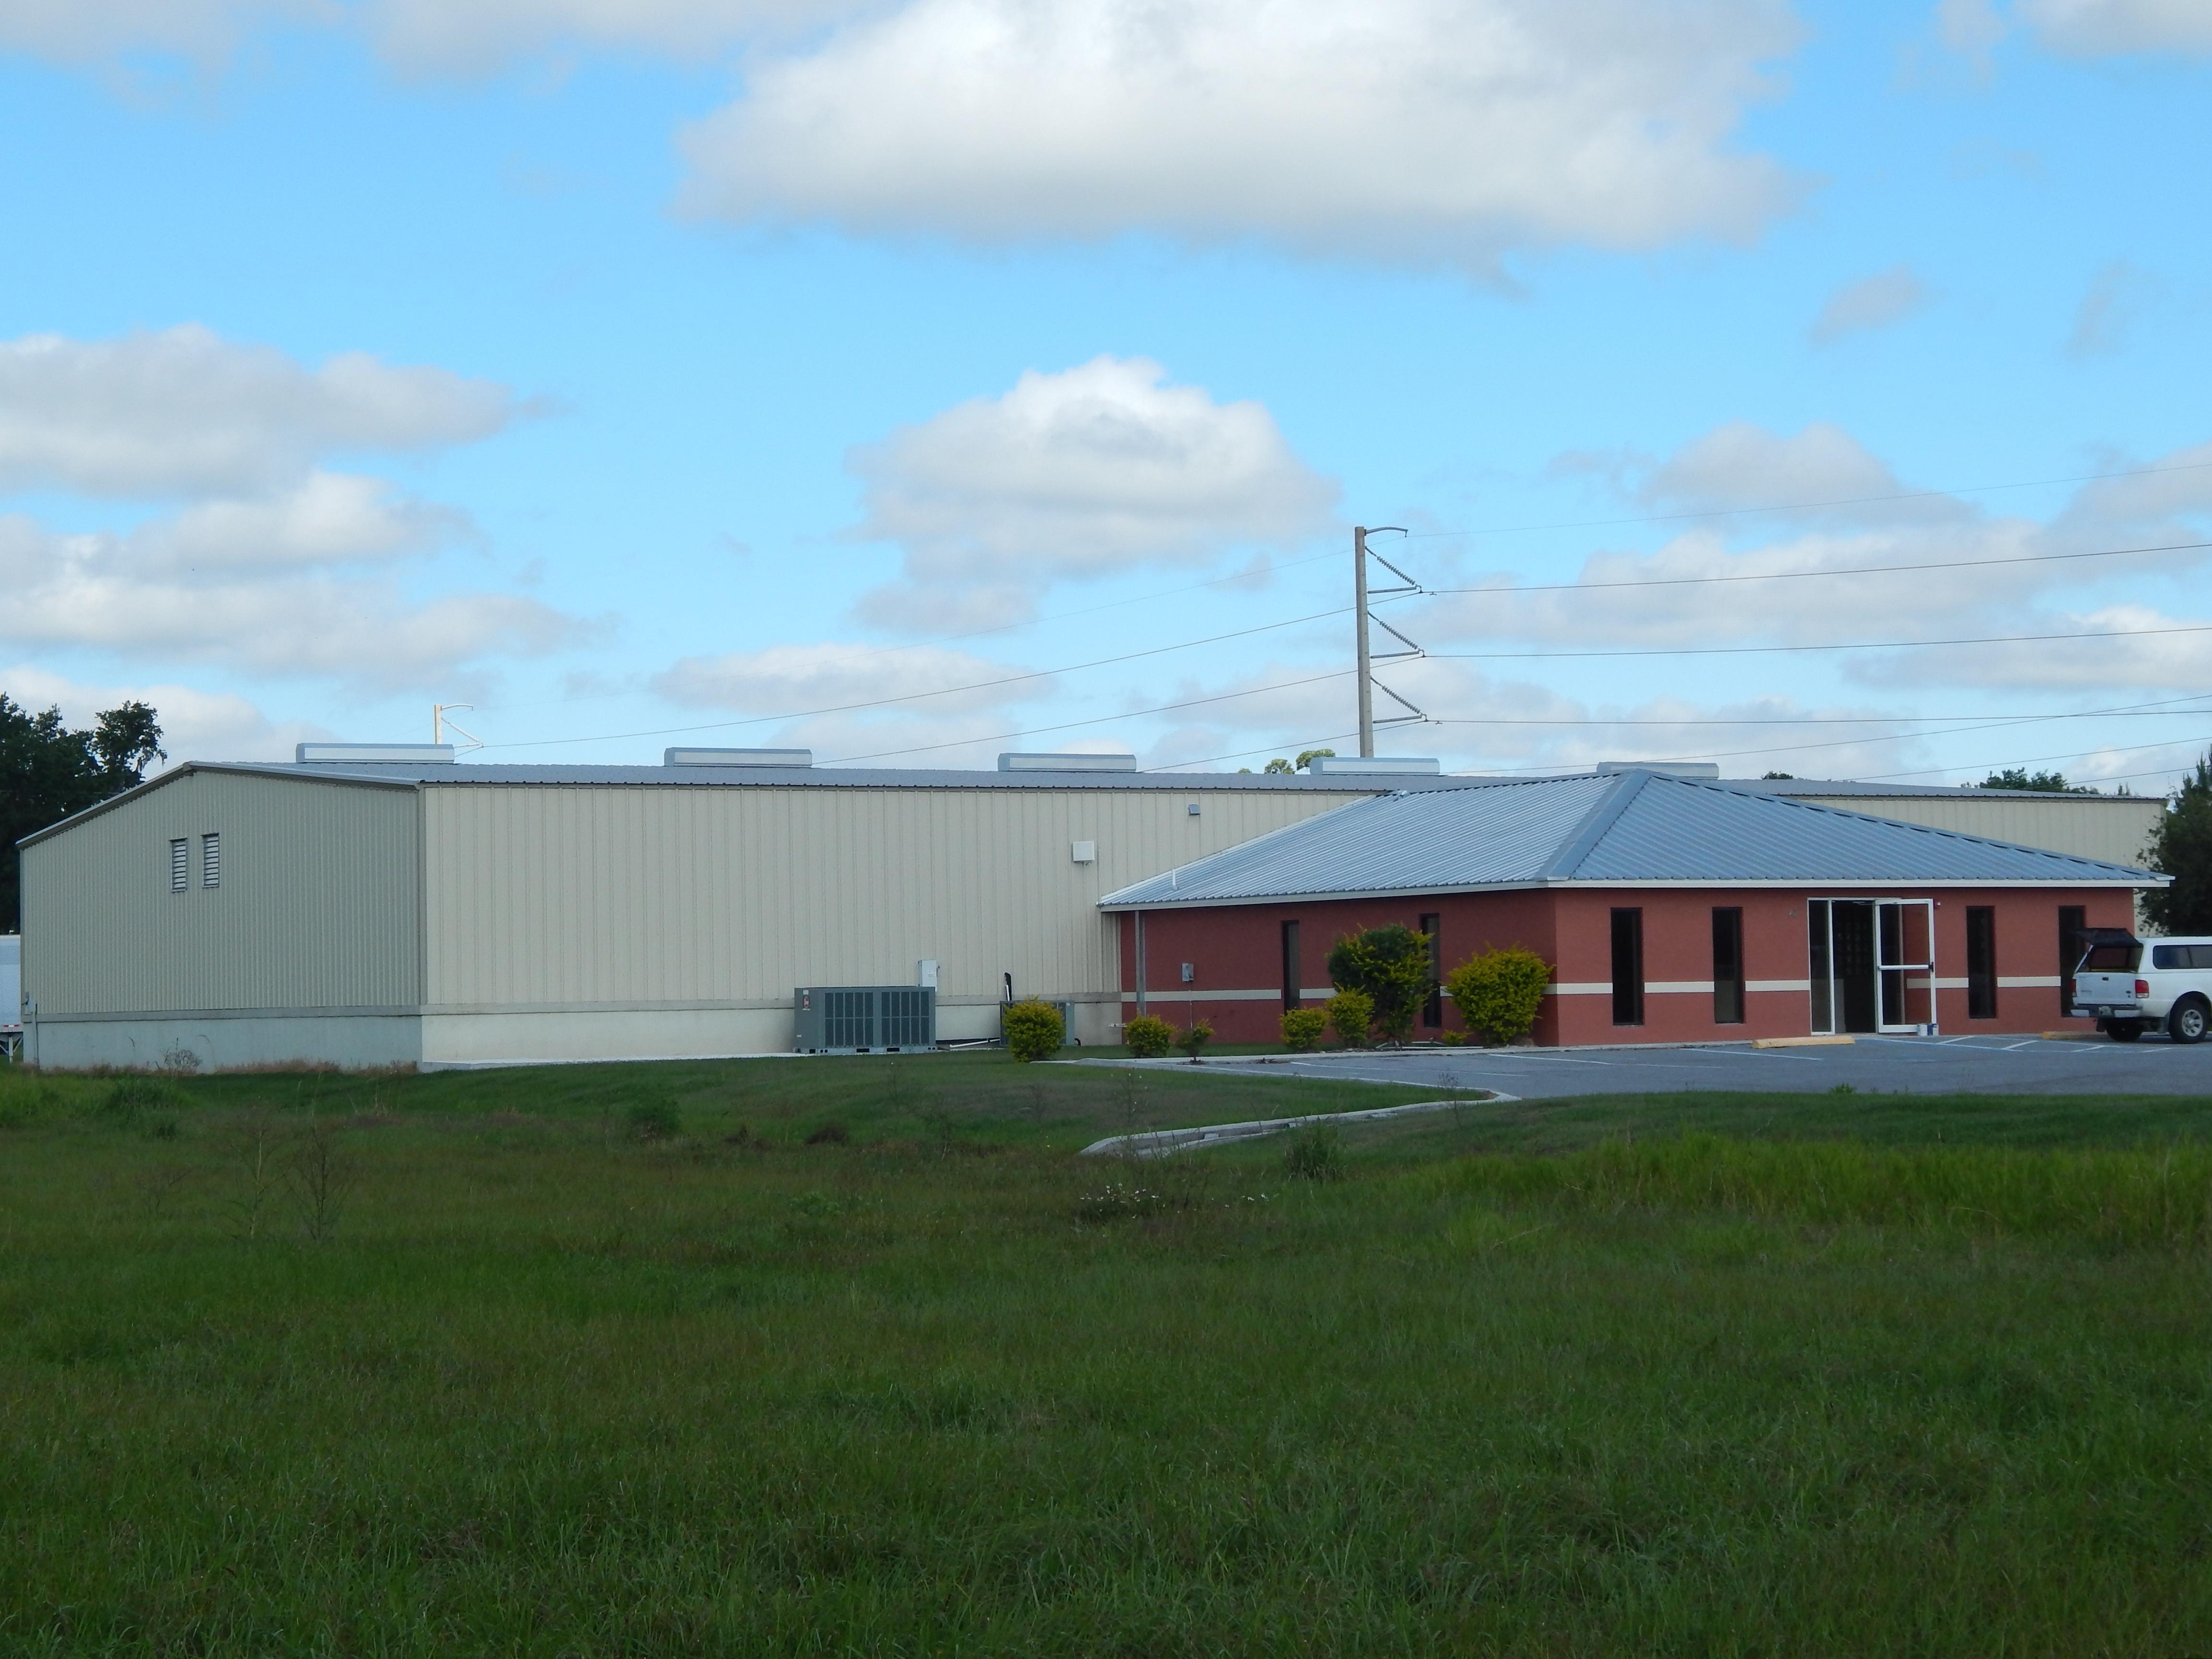 Exterior photo of Organics South building